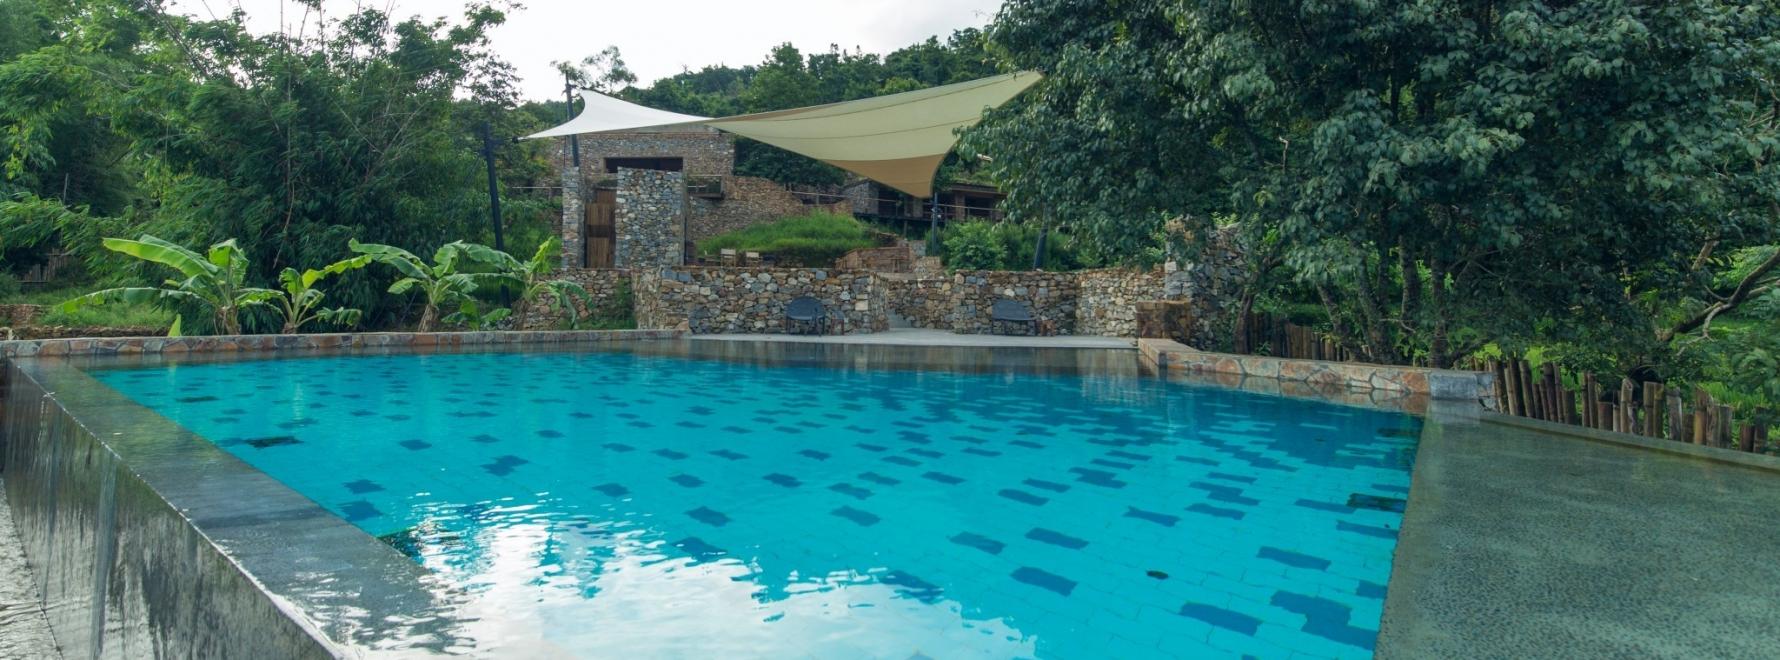 Infinity eco-pool